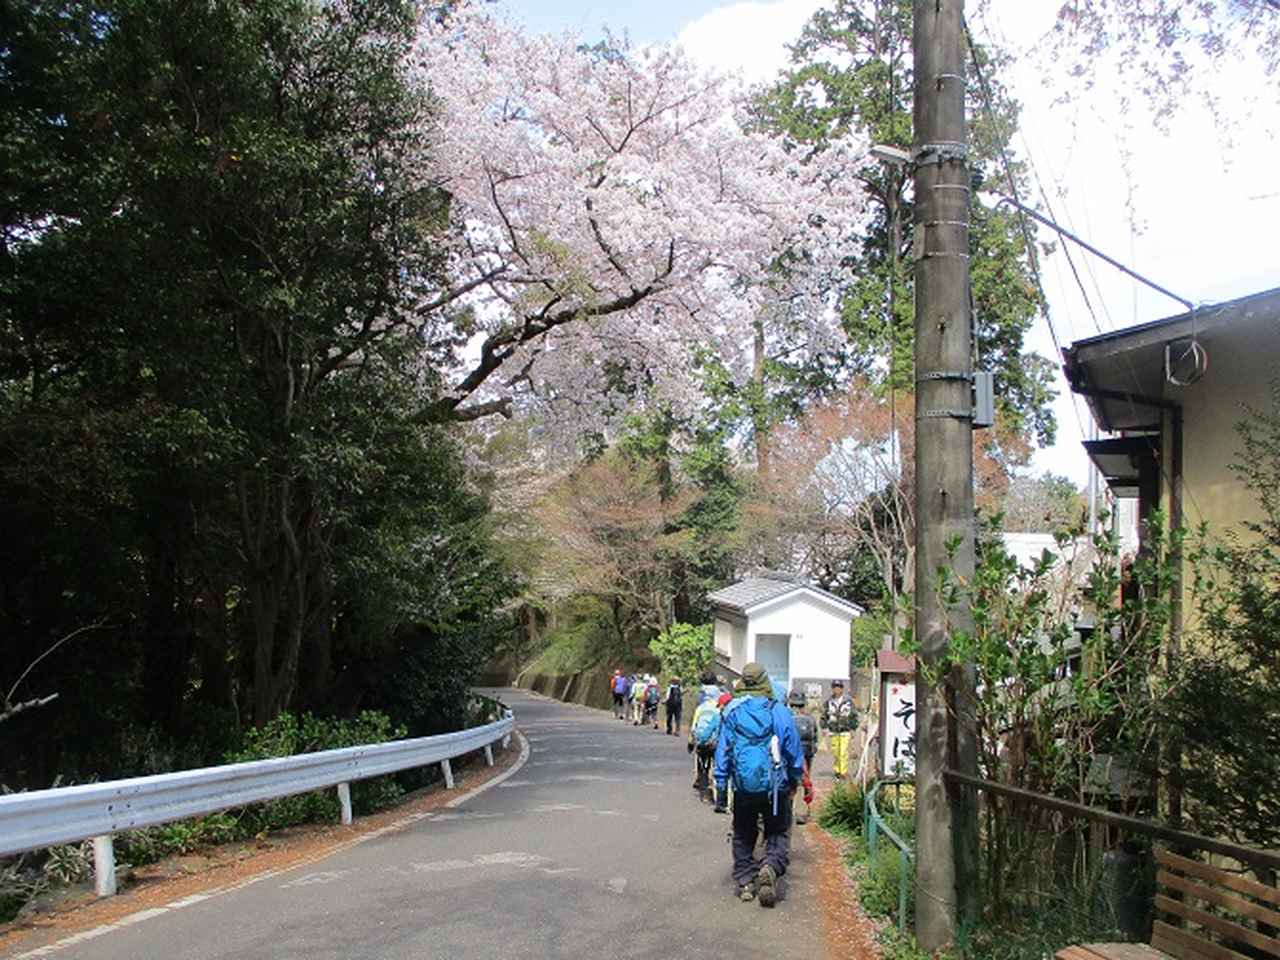 画像11: 4月9日に山旅会 晃石山から太平山 ツアーに行ってきました! にいって